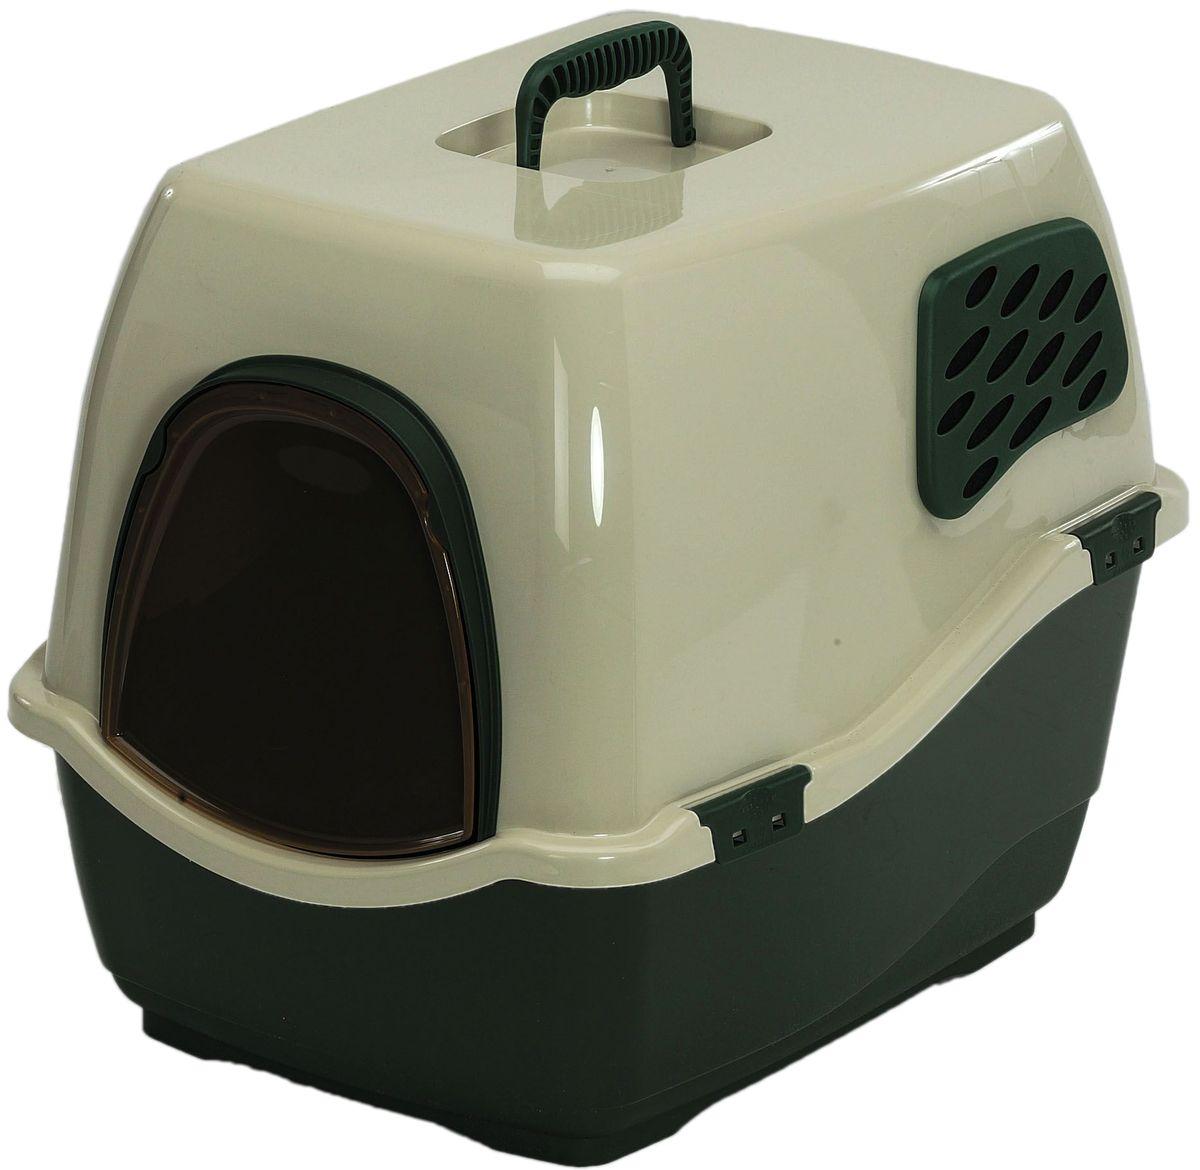 Био-туалет для кошек Marchioro Bill 2F, цвет: зеленый, бежевый, 57 х 45 х 48 см12171996Пластиковый био-туалет поможет защитить дом от неприятных запахов и придется по нраву даже самым привередливым питомцам. Закрытый био-туалет Marchioro Bill 2F с угольным фильтром препятствует распространению неприятных запахов.Подвижная передняя створка позволяет животному самостоятельно пользоваться туалетом.В комплект входит фильтр, дверка и ручка. Фильтр необходимо менять каждые 3-6 месяцев. Размер 57 х 45 х 48 см.